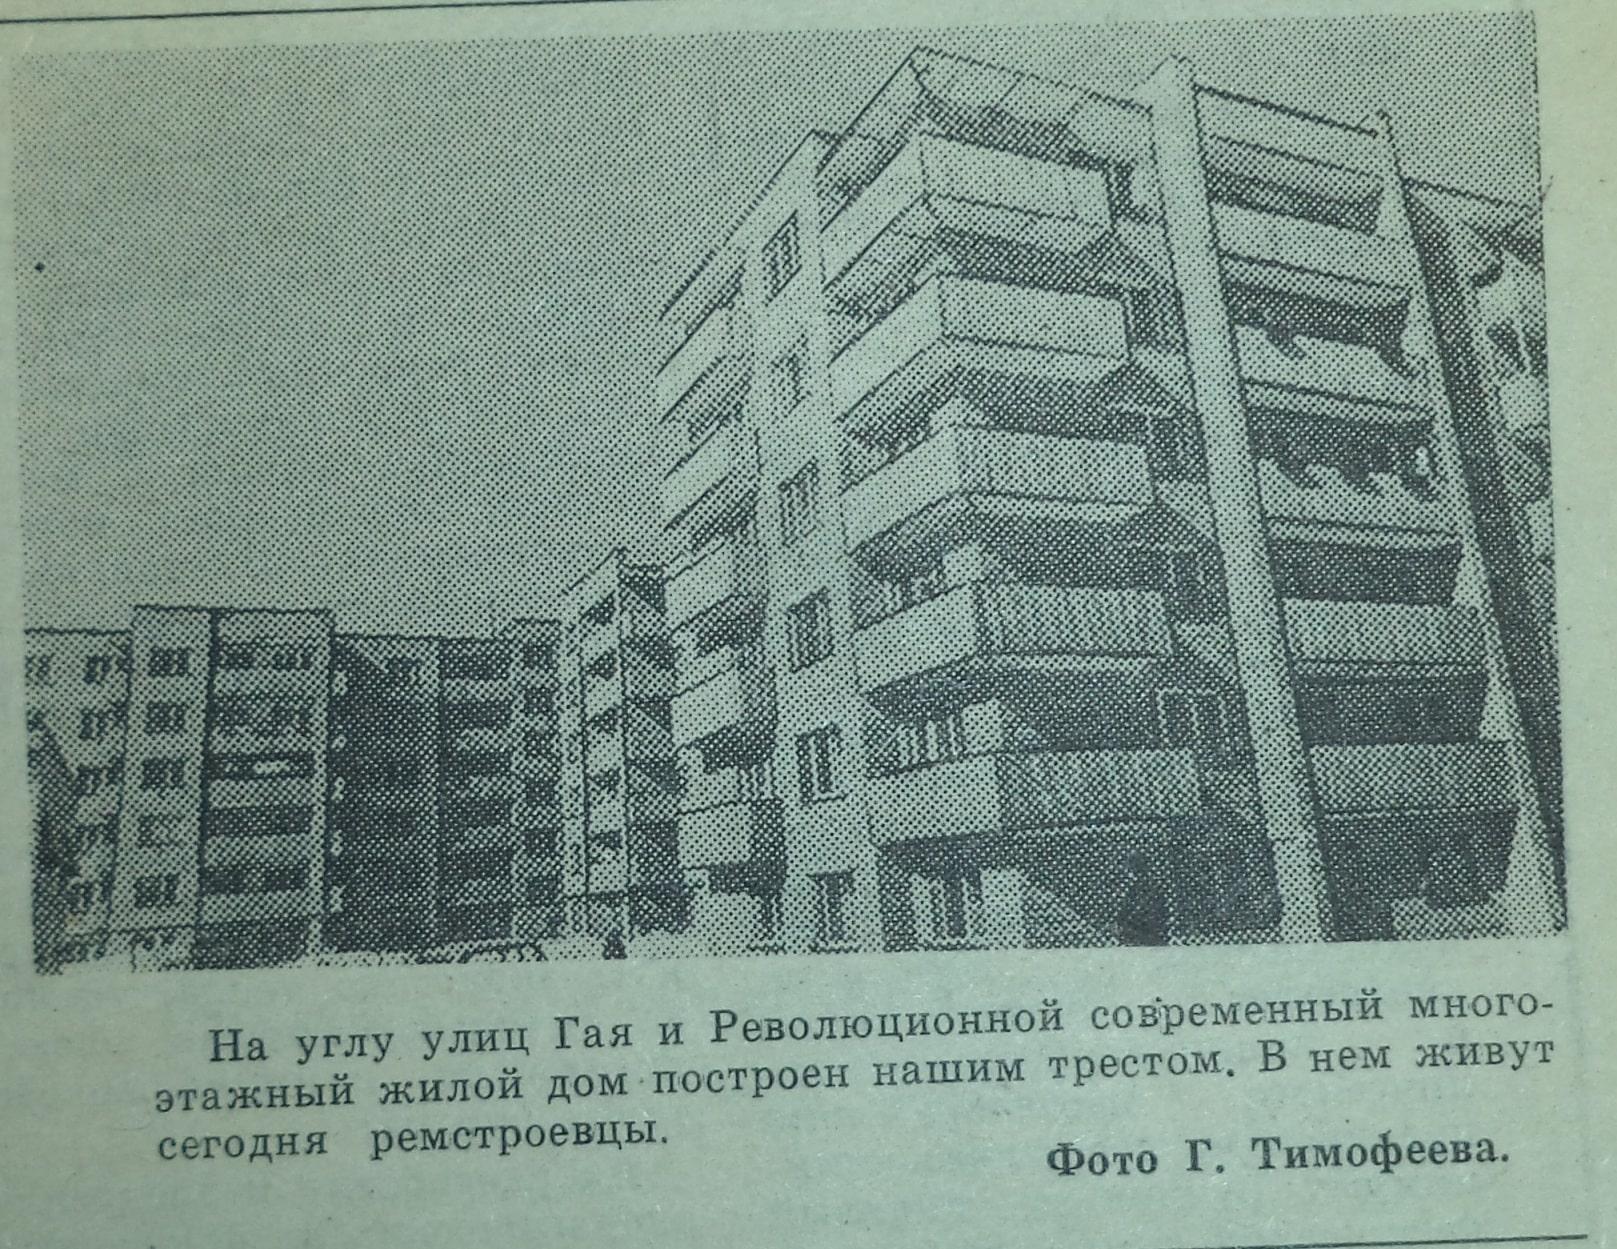 Революционная-ФОТО-87-Голос Строителя-1984-4 июня